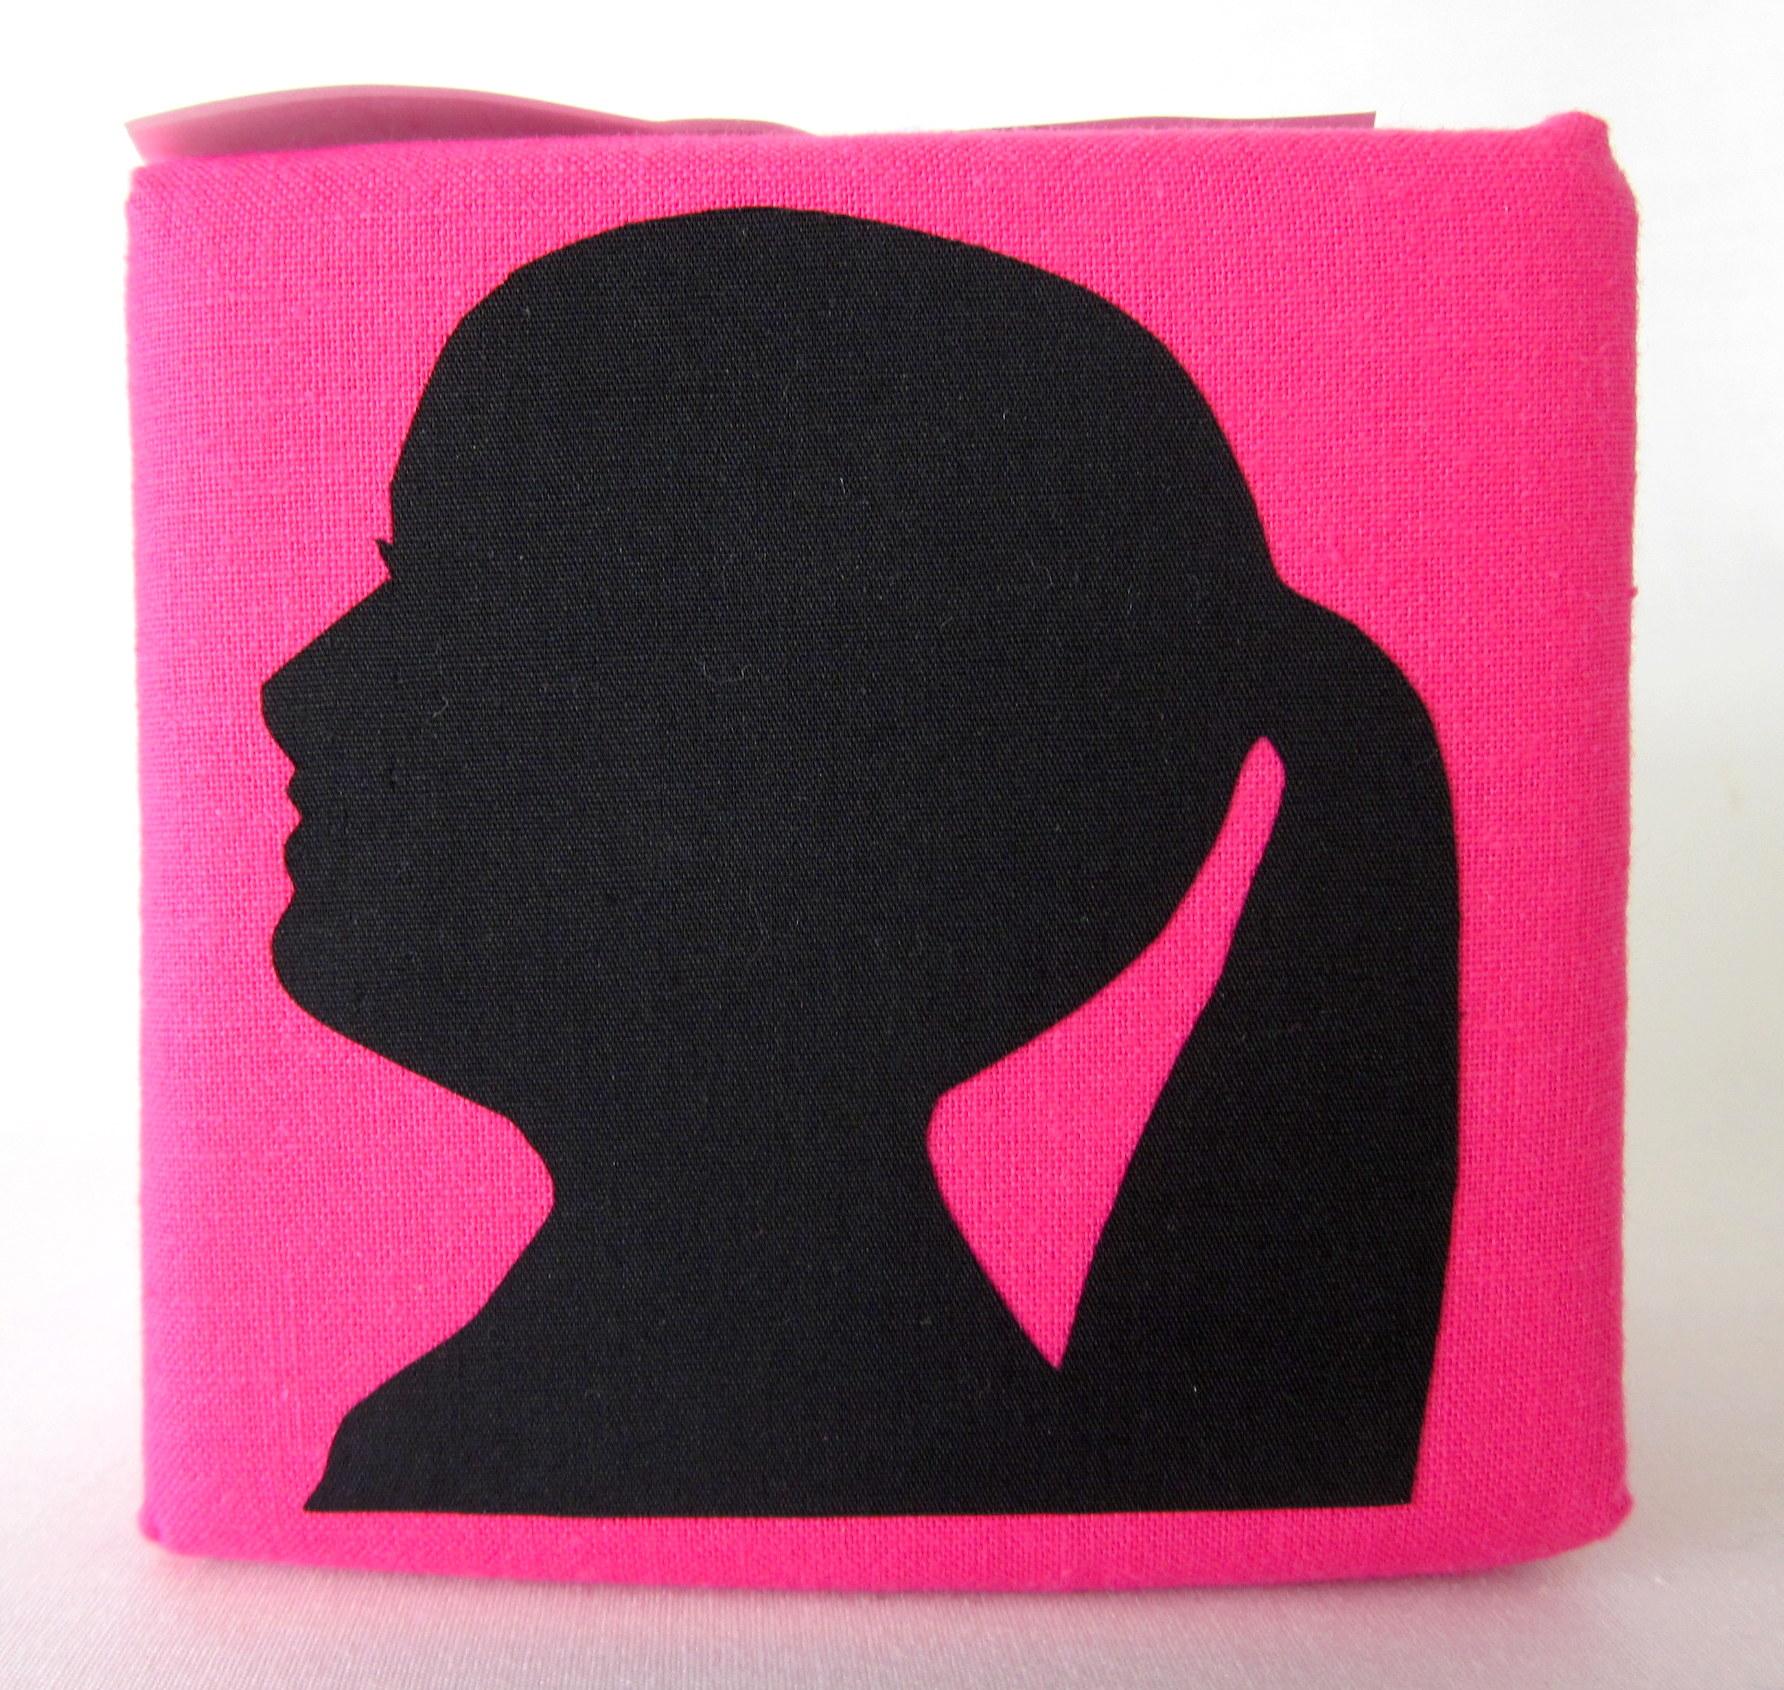 Silhouet kubus. Knip en ontwerp een silhouet kubus als decoratie voor in huis. .